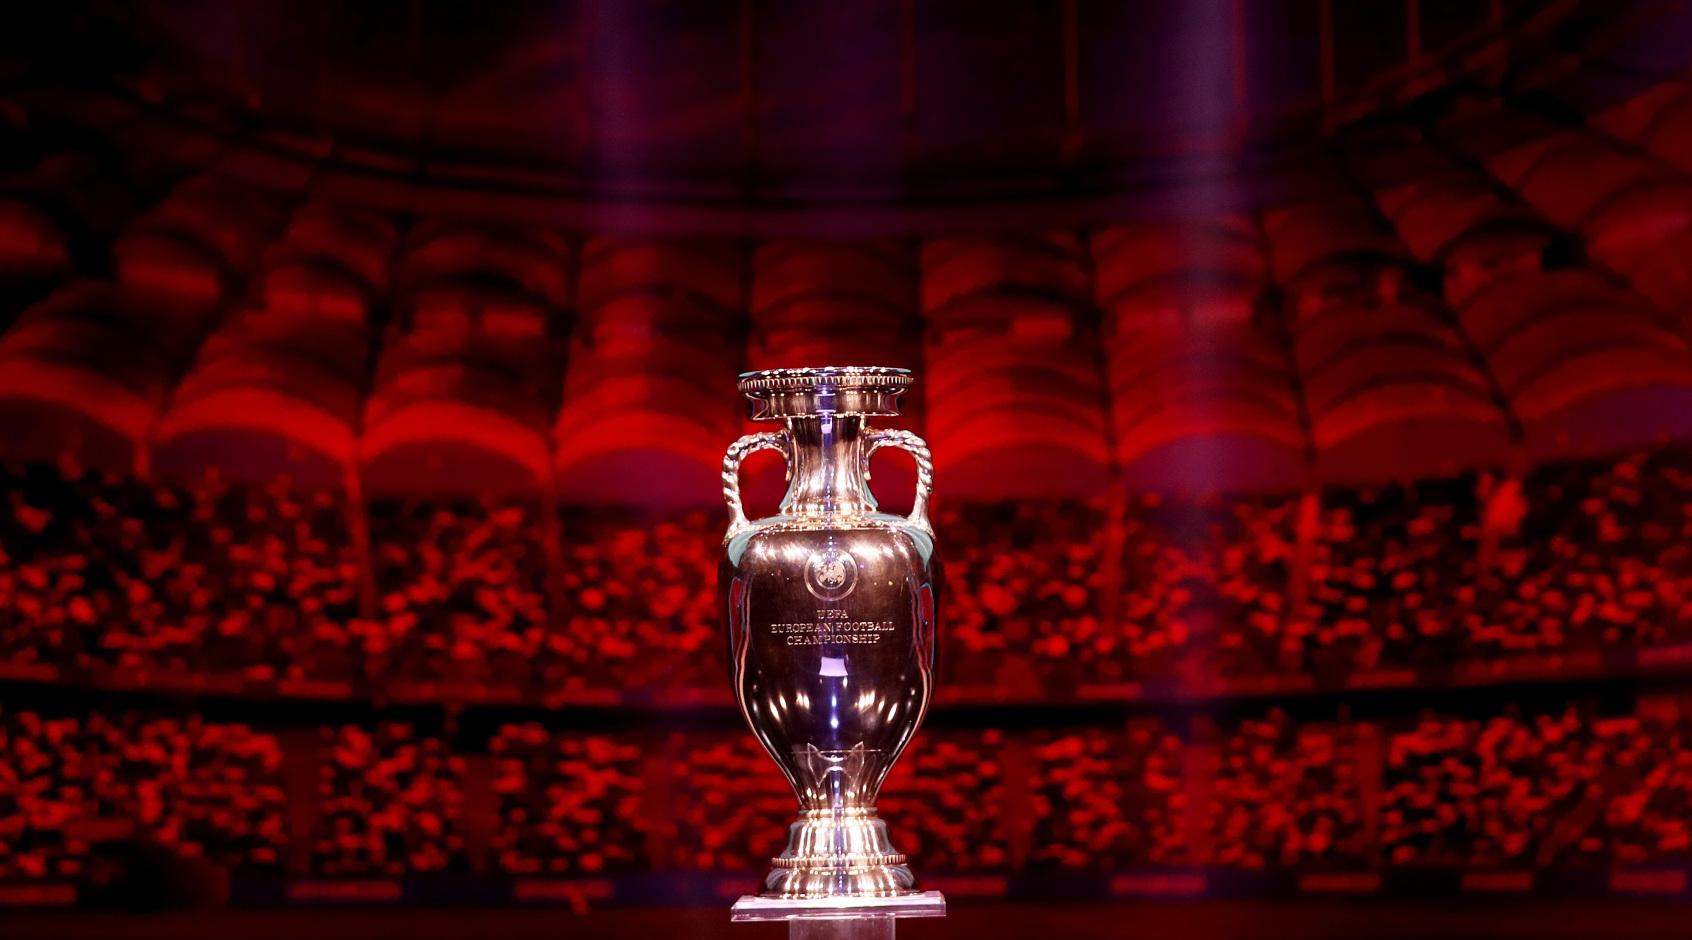 Федерация футбола Испании считает невозможным проведение матчей Евро-2020 в Бильбао со зрителями